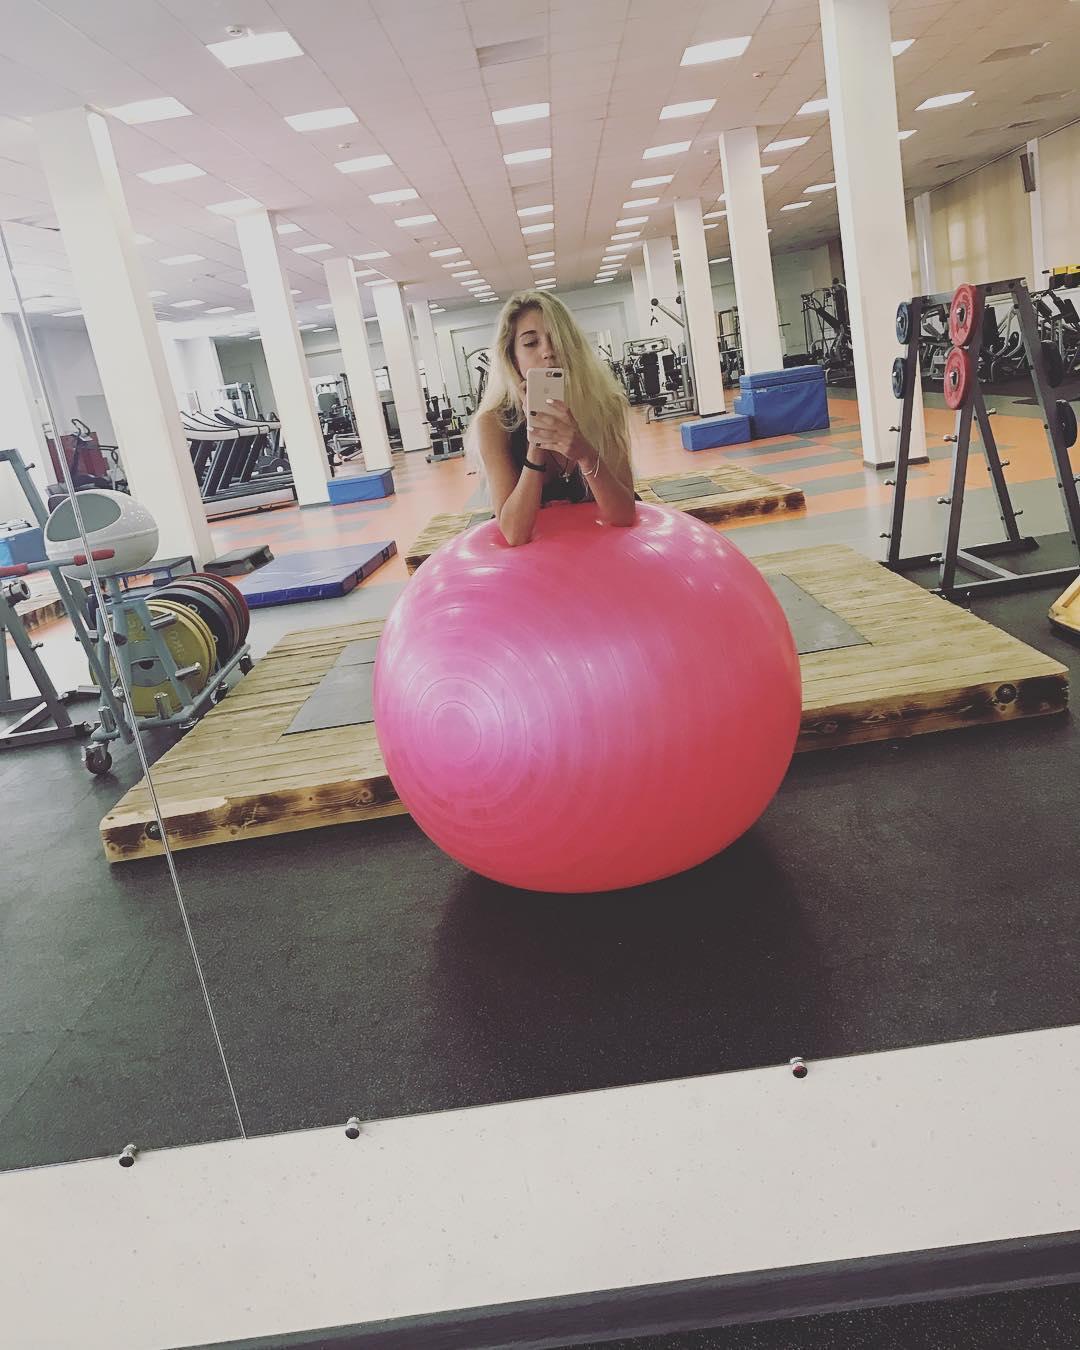 Розовый мяч Новогорска & Индивидуальный чемодан фигуриста - Страница 3 IXr3GJREdZ4